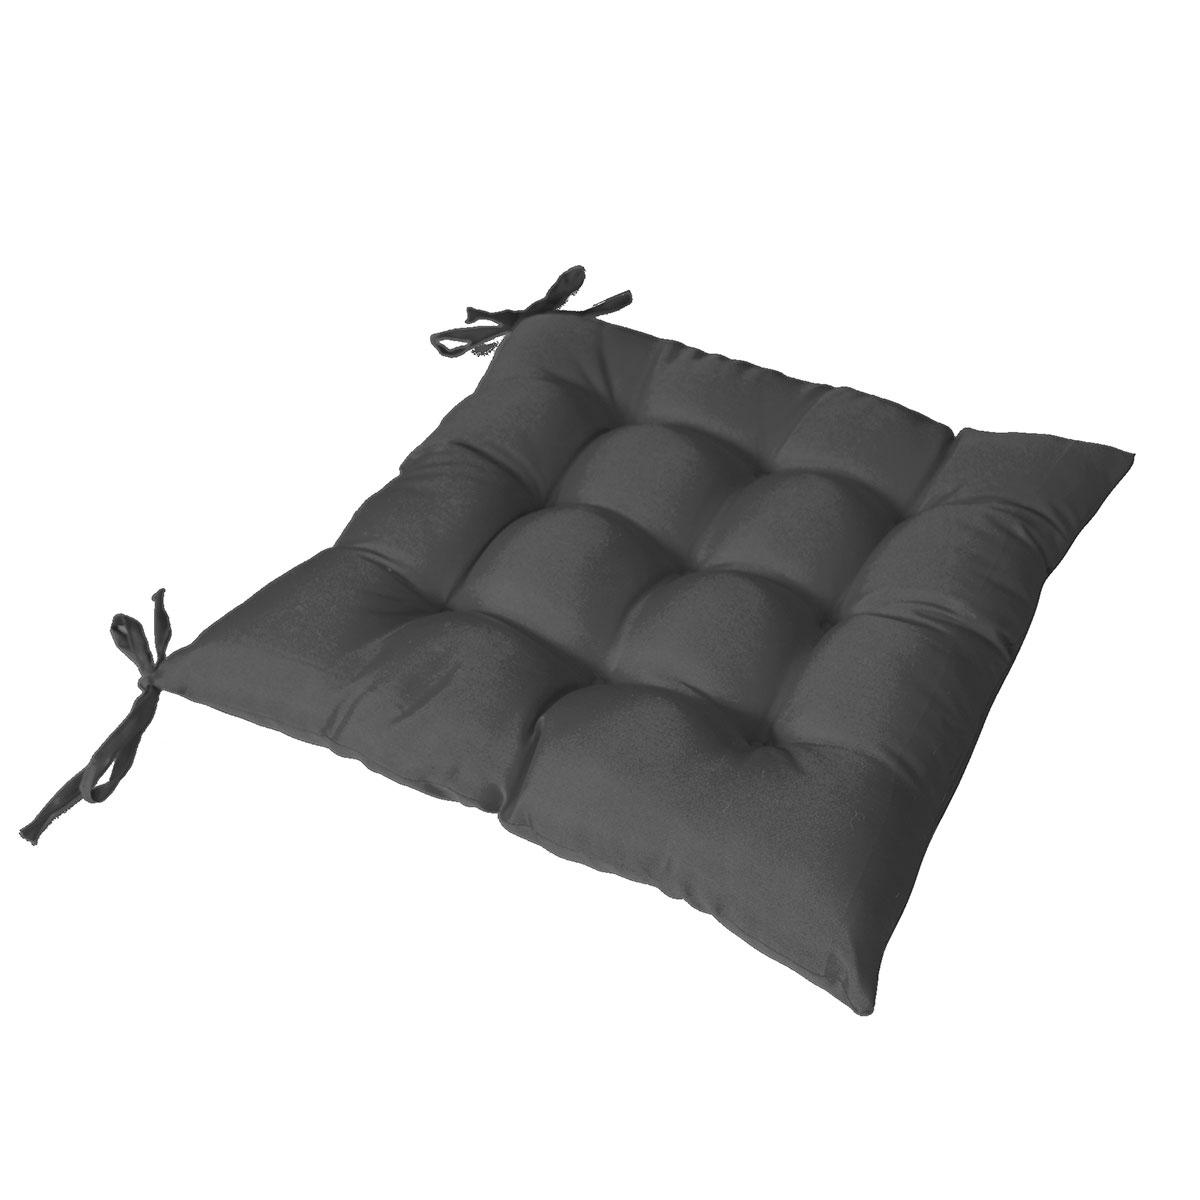 Galette de chaise piquée avec 2 nouettes - Noir - 40 x 40 cm